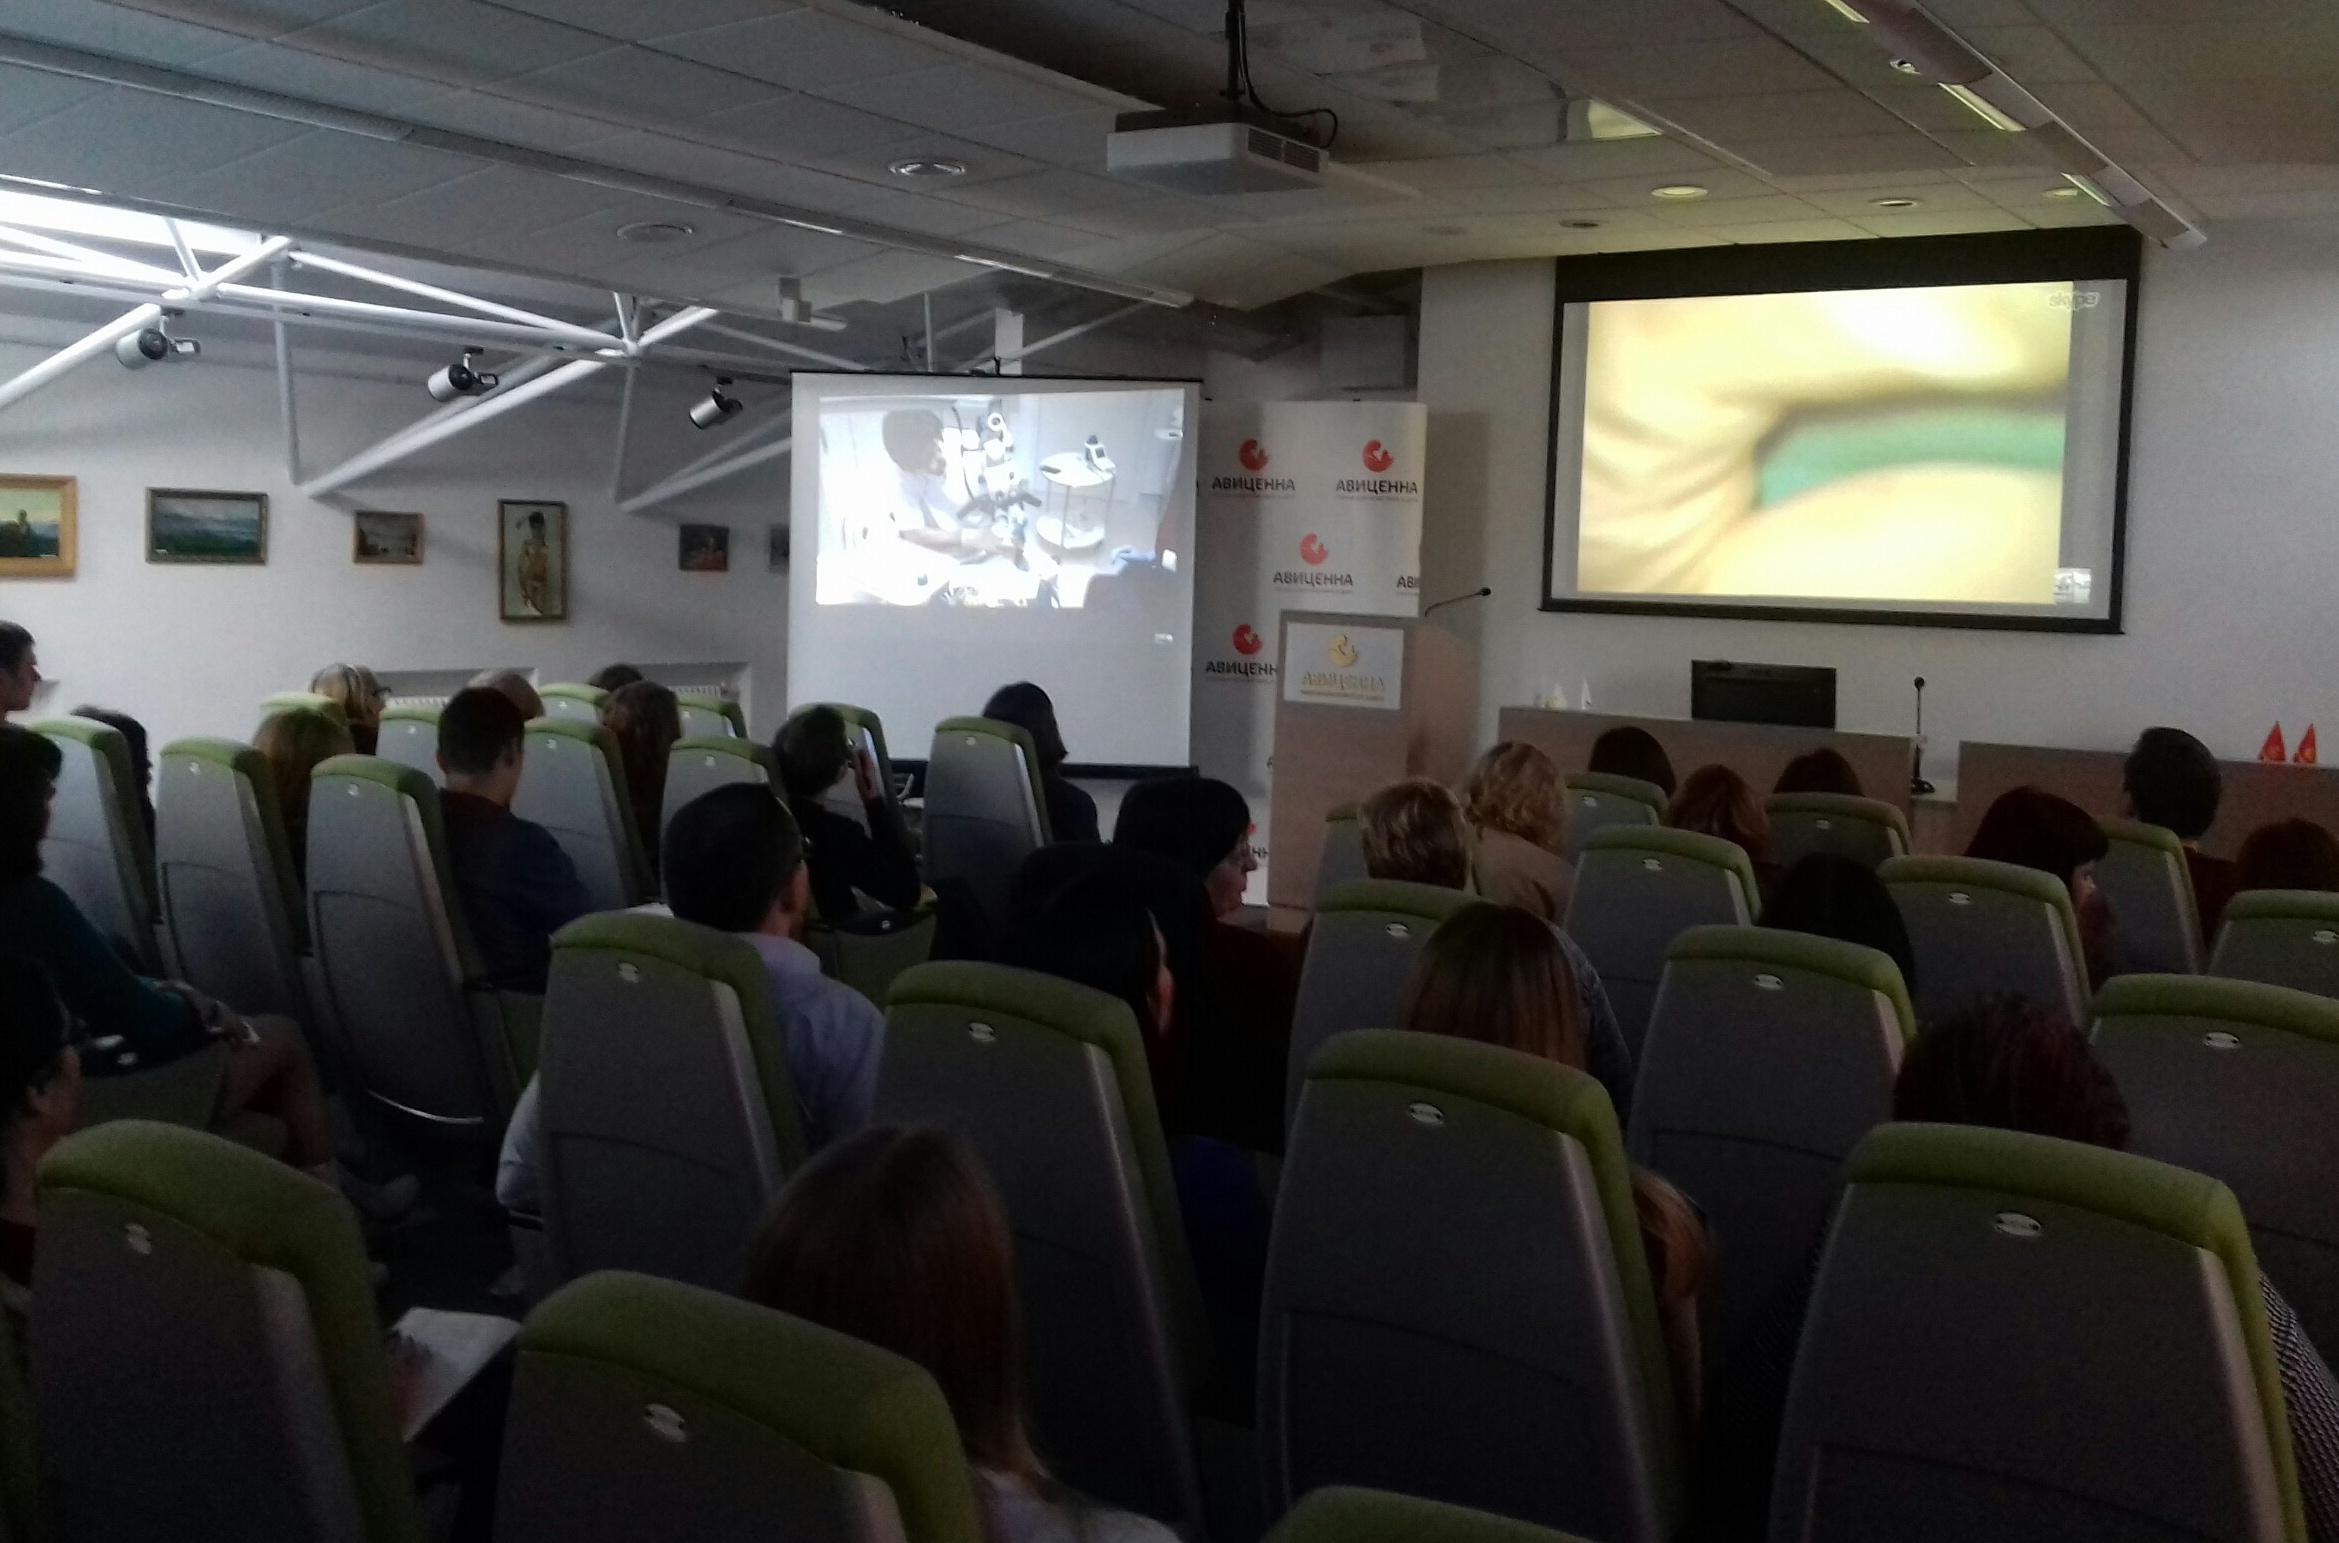 Мастер-класс Соломонова в Новосибирске «Первичная эндодонтия»